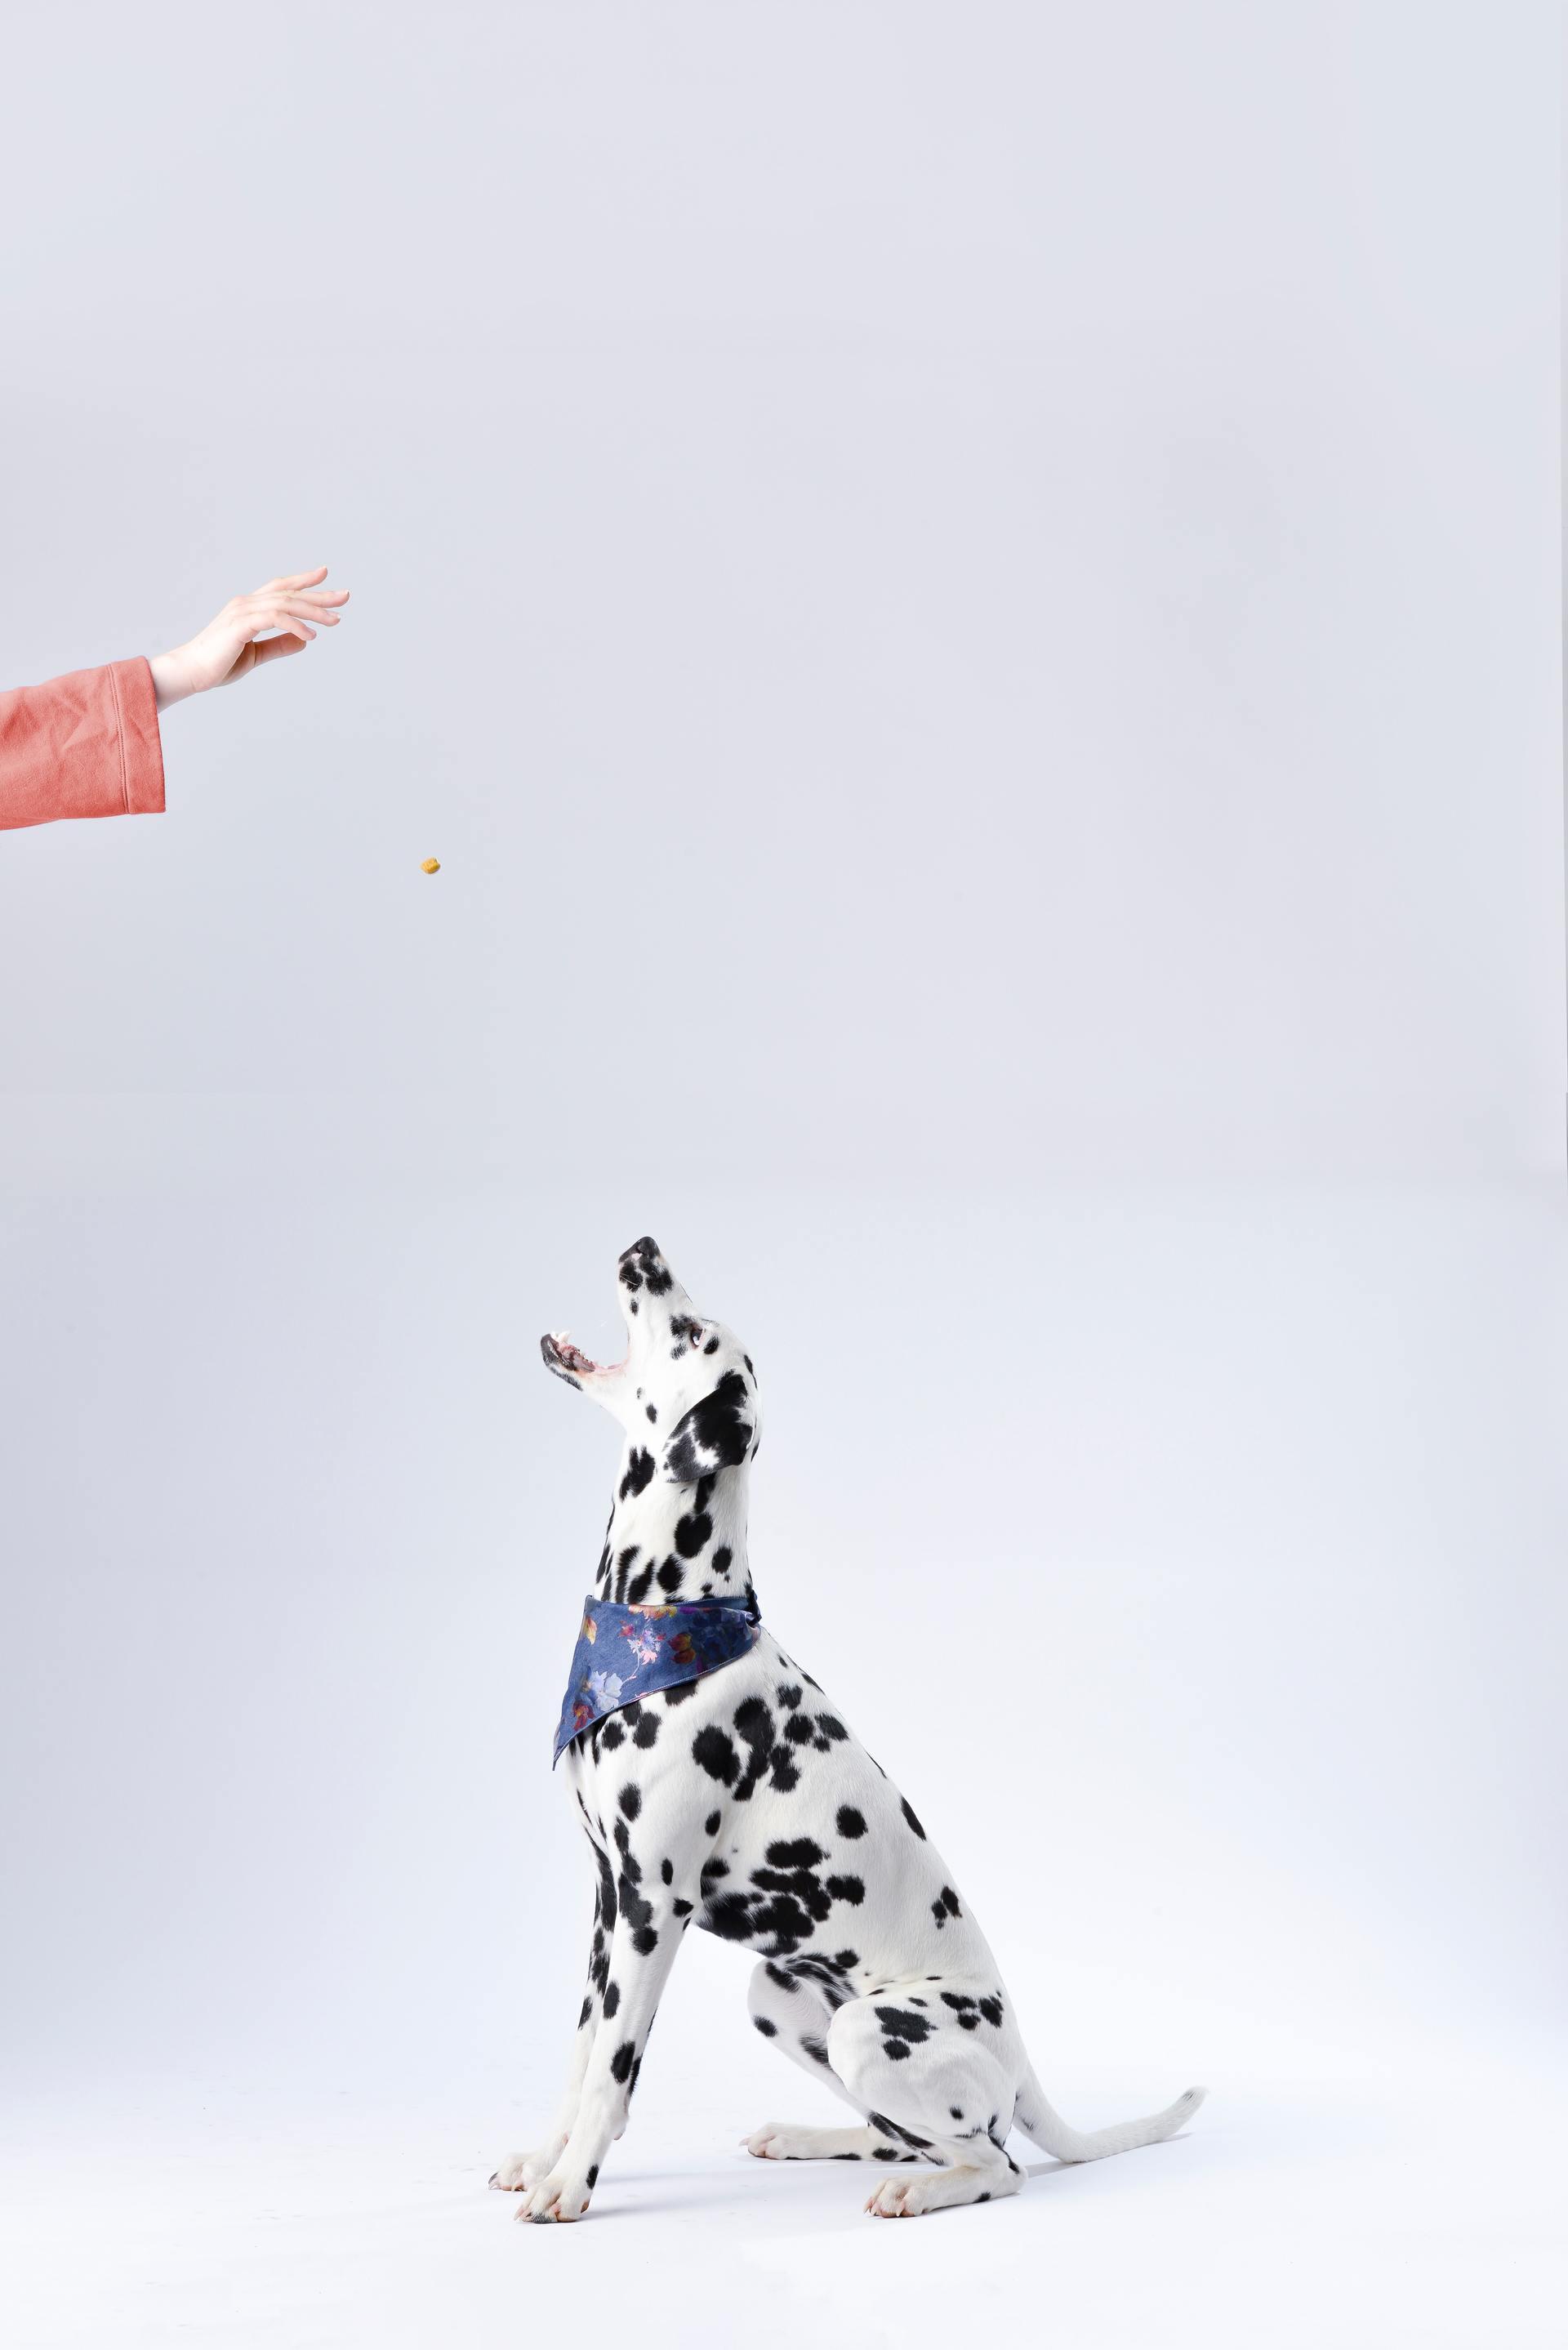 亞筆生技股份有限公司 - 貓糧狗糧常識